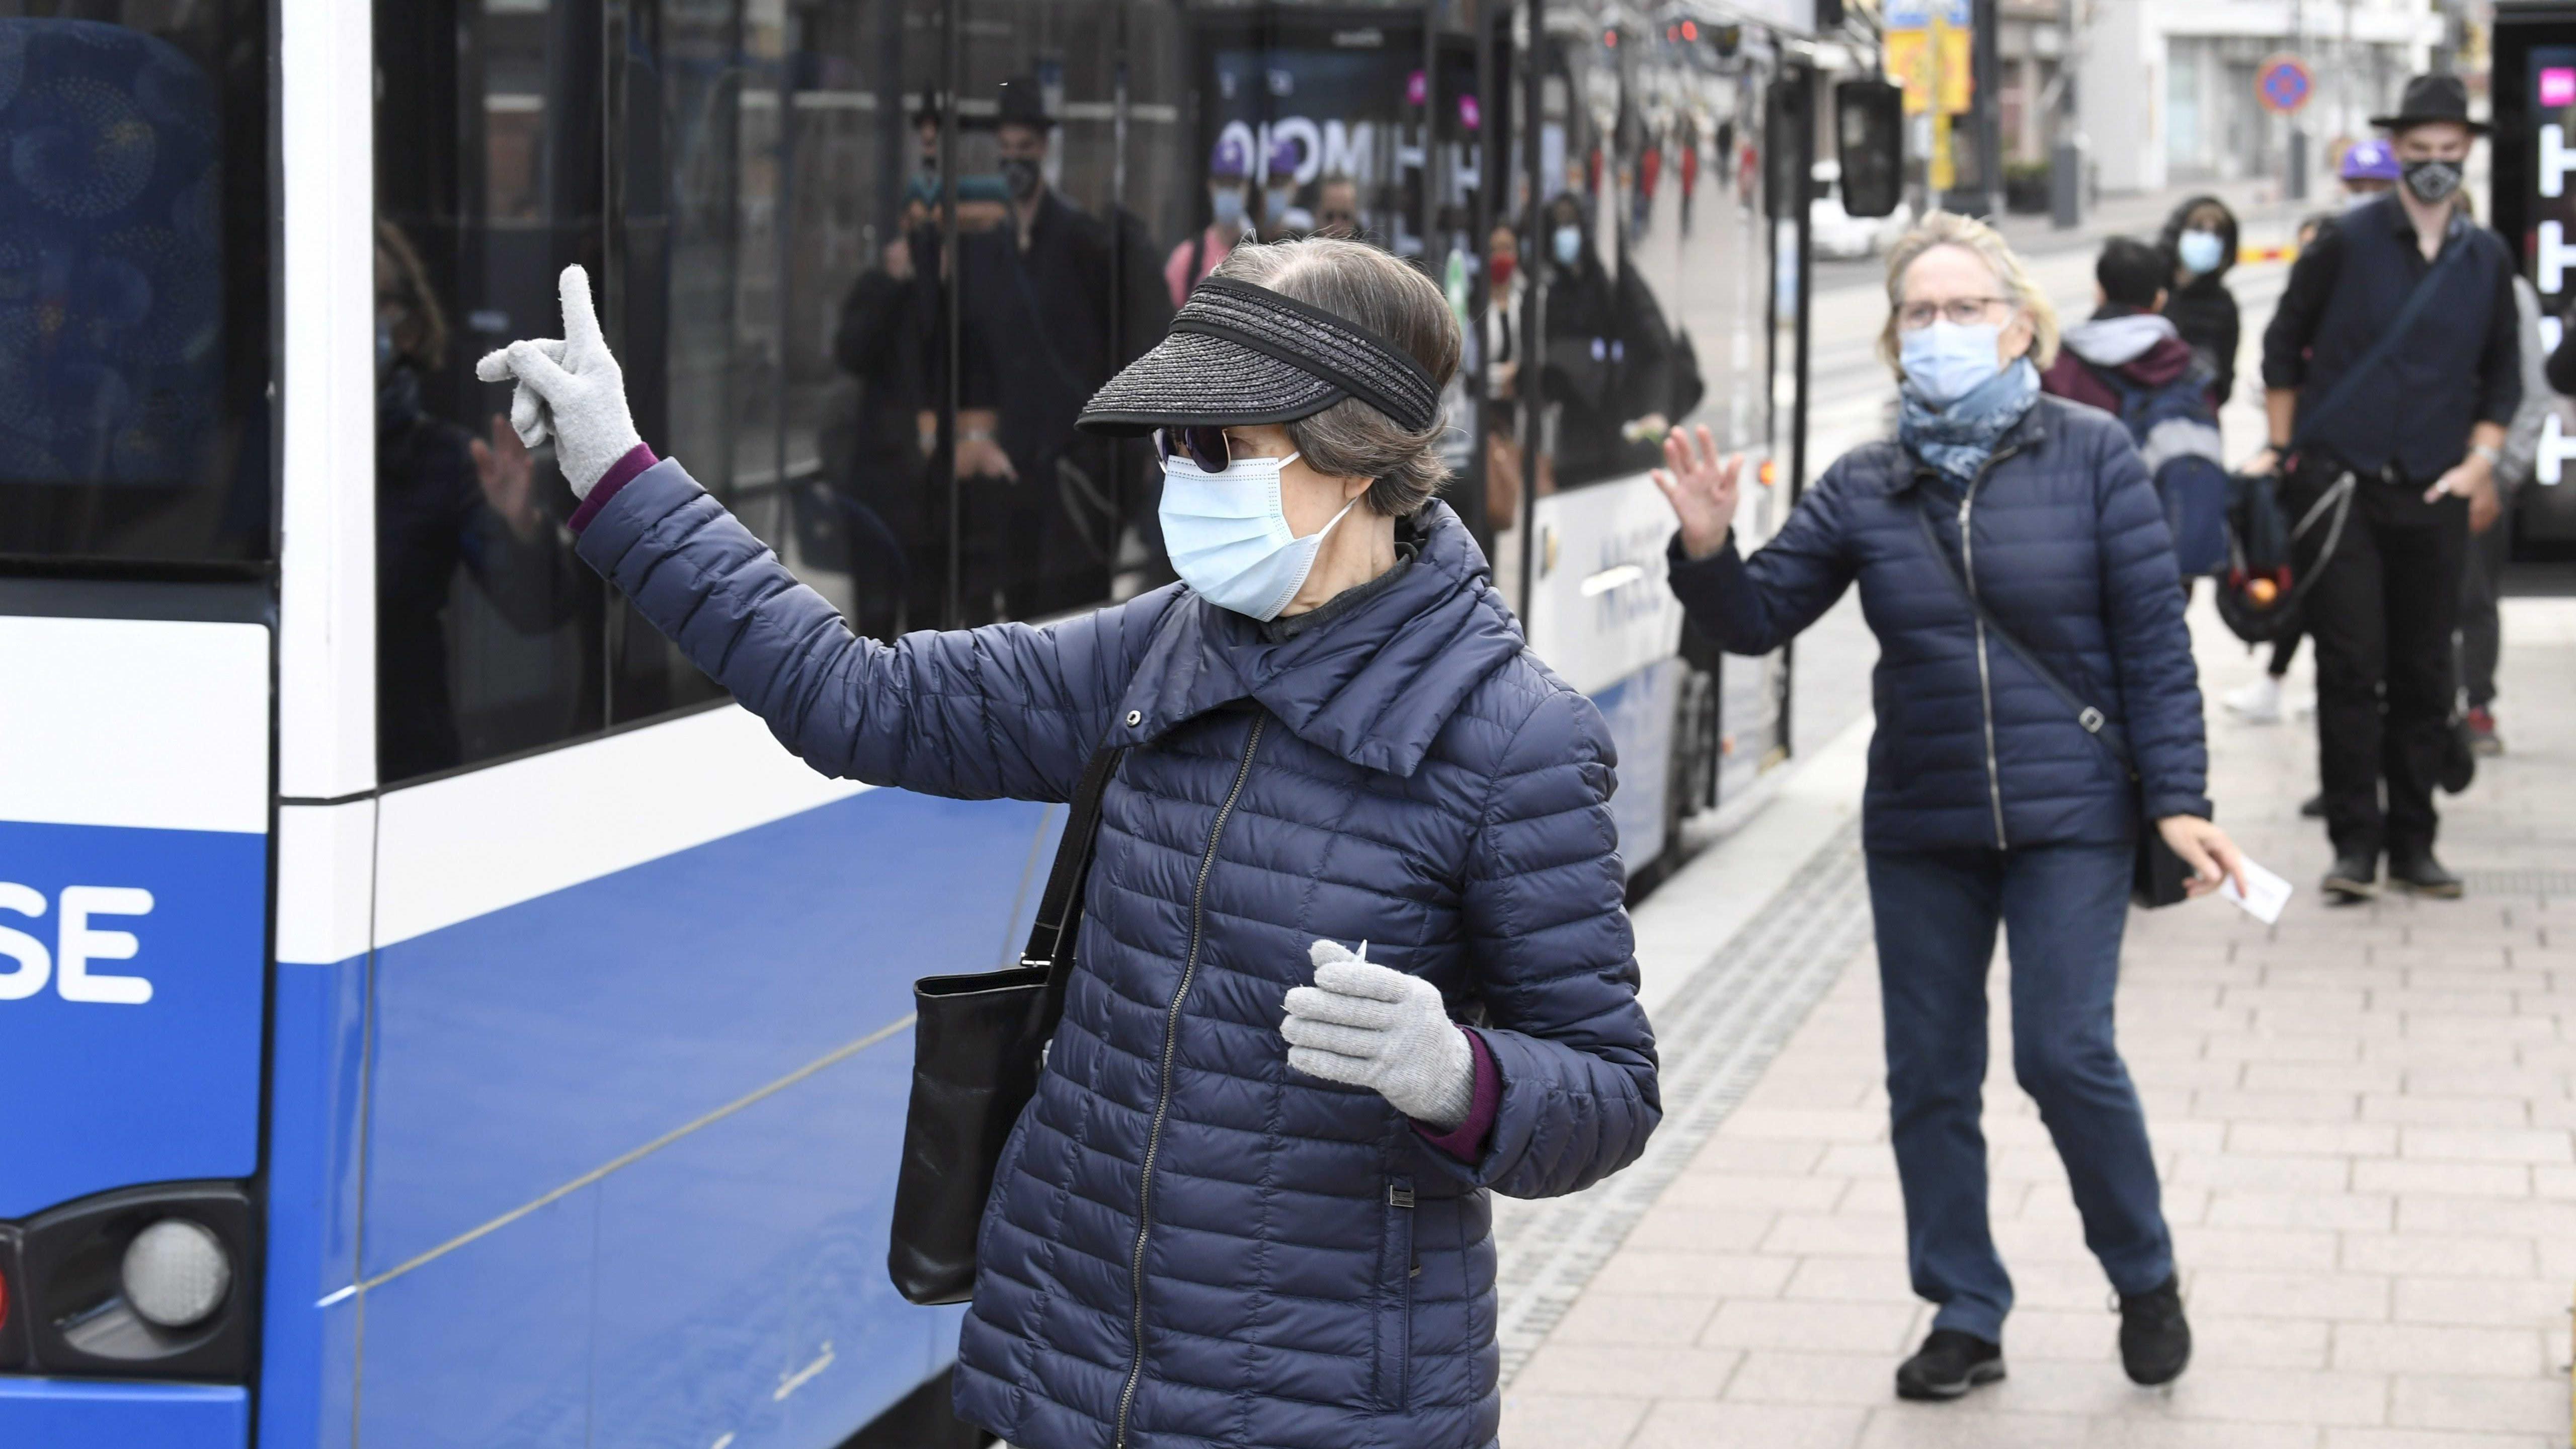 Matkustajat maskit kasvoillaan odottavat bussia Ratinan edustalla Tampereella 2. syyskuuta 2021.